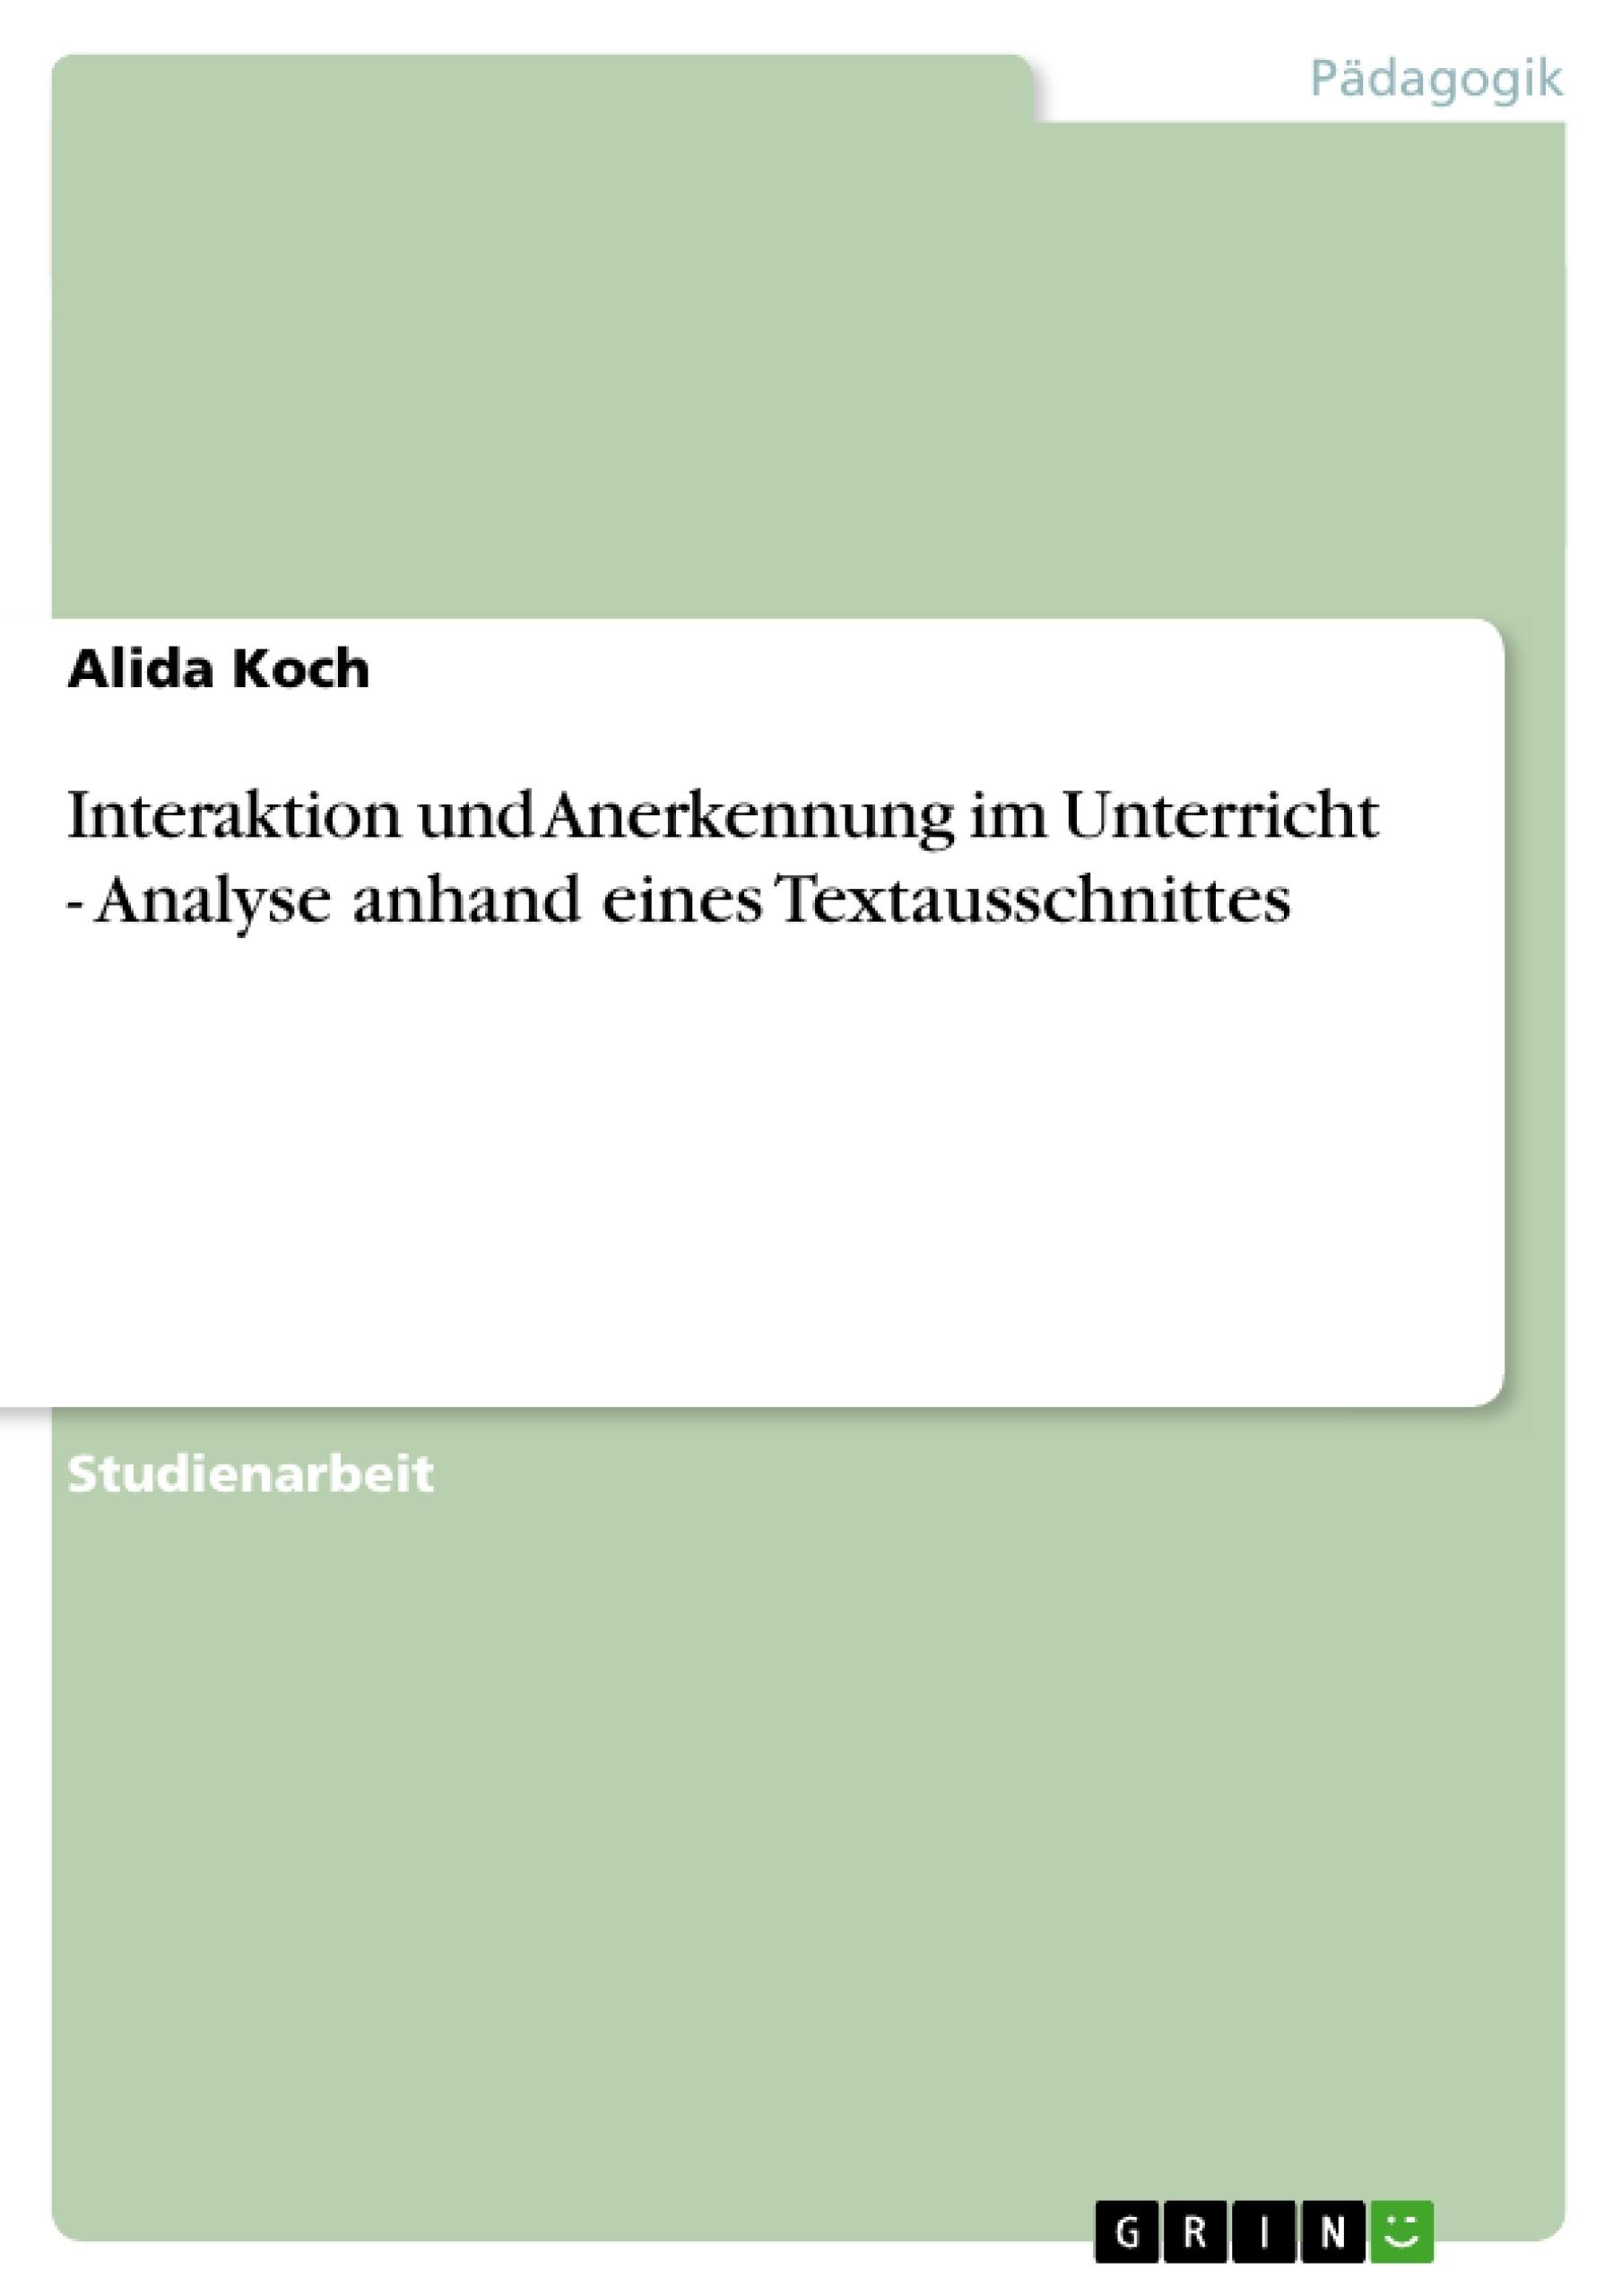 Titel: Interaktion und Anerkennung im Unterricht - Analyse anhand eines Textausschnittes